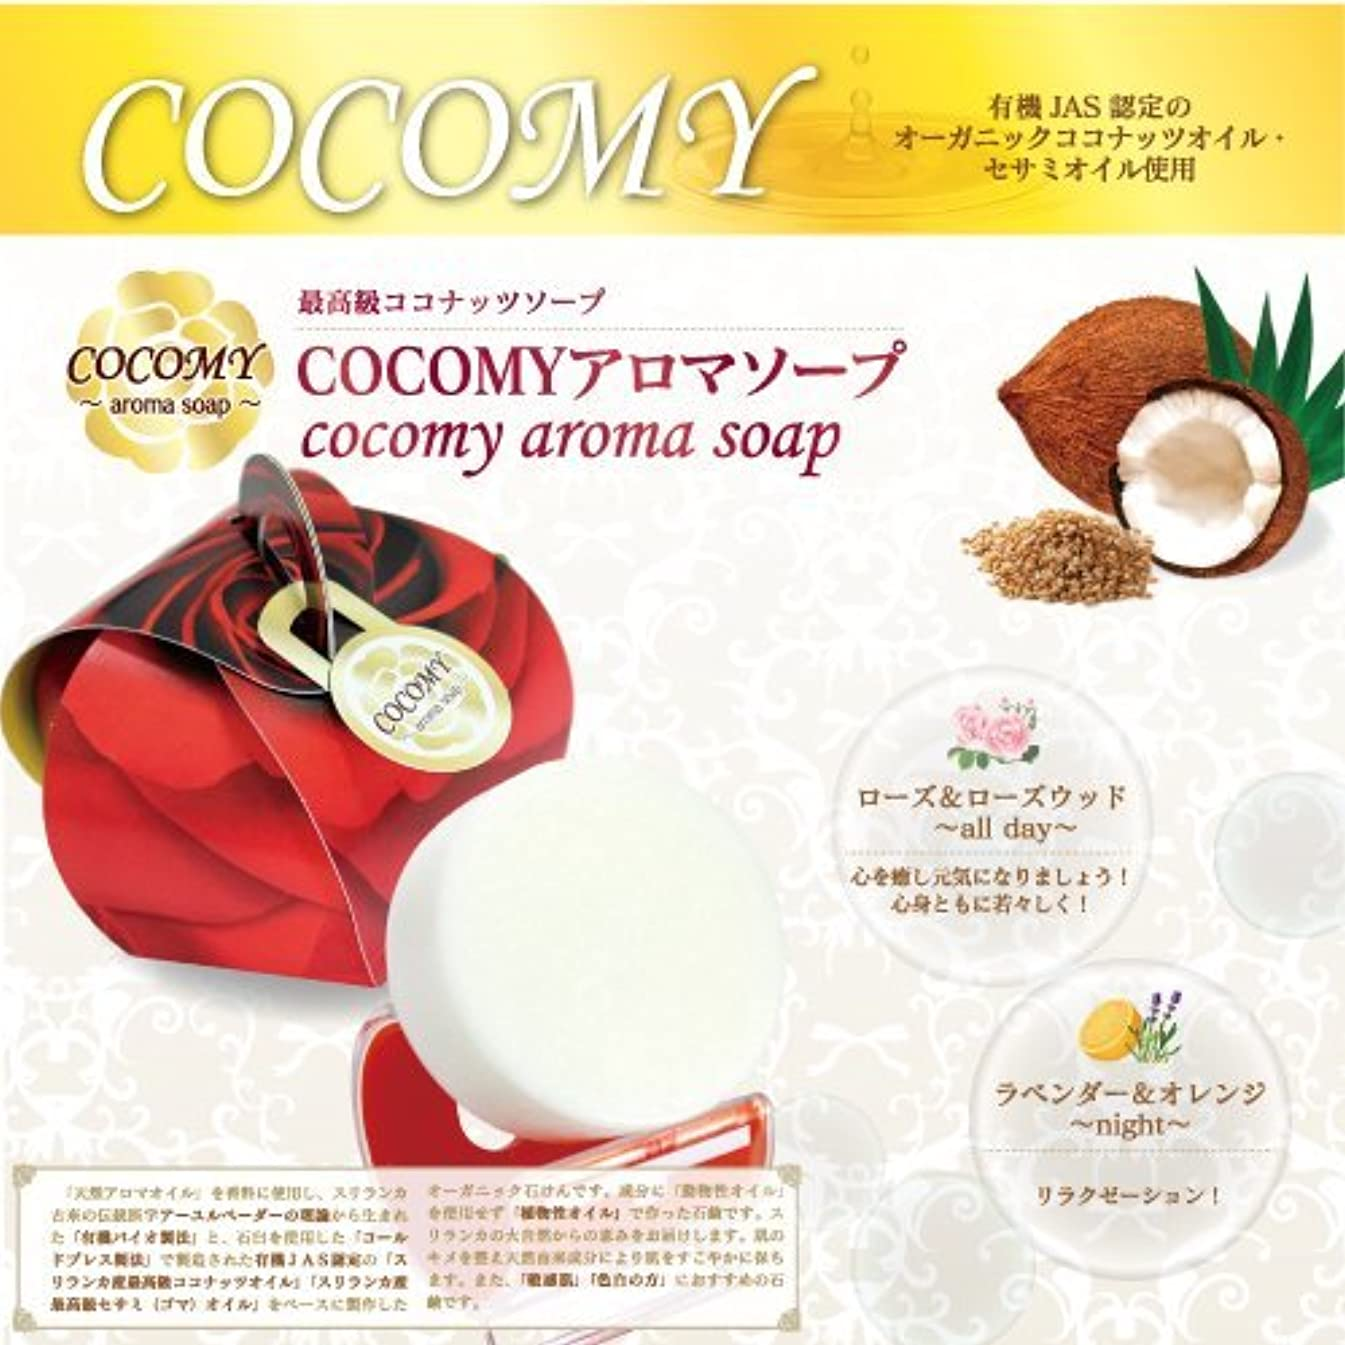 COCOMY aromaソープ 4個セット (ラベンダー&オレンジ)(ローズ&ローズウッド) 40g×各2